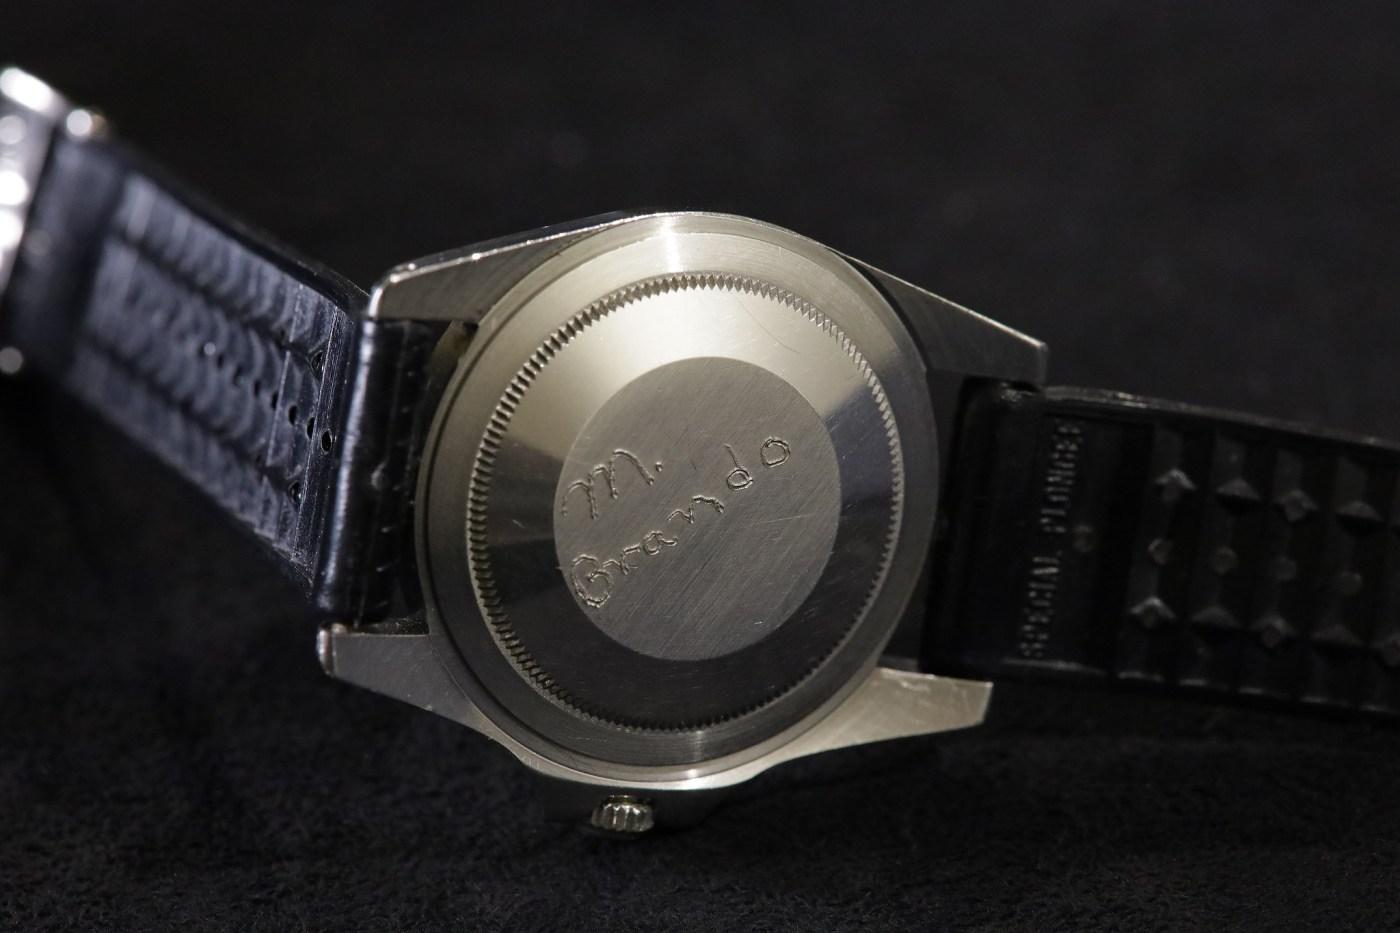 Marlon Brando's Rolex GMT-Master personalized casebackk